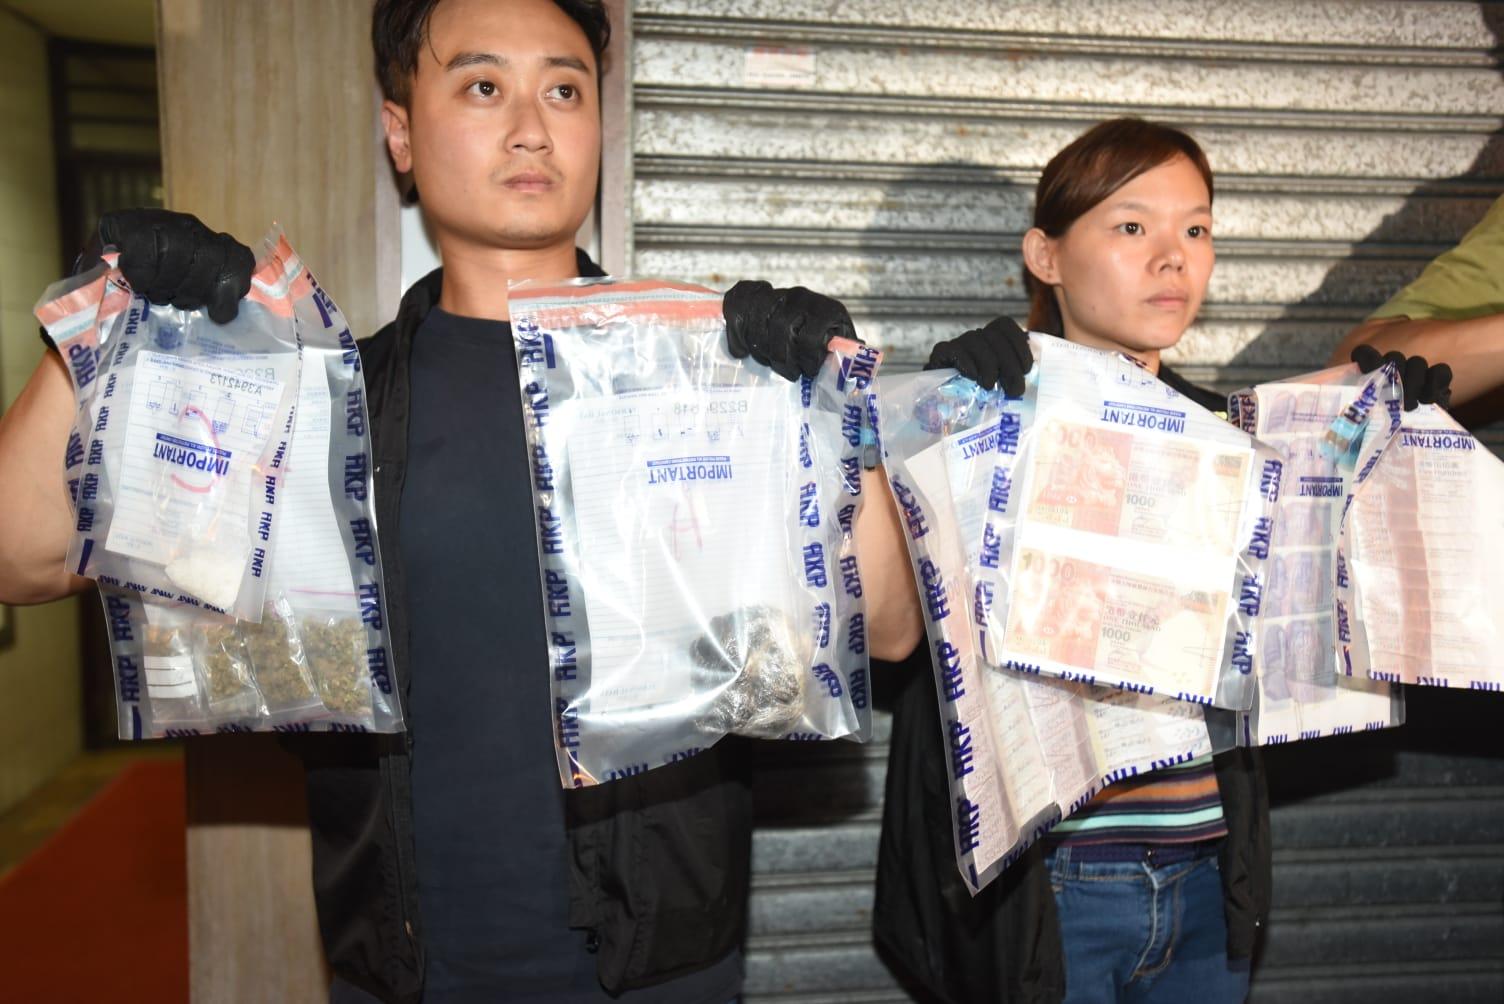 警方检获43张怀疑伪製纸币。